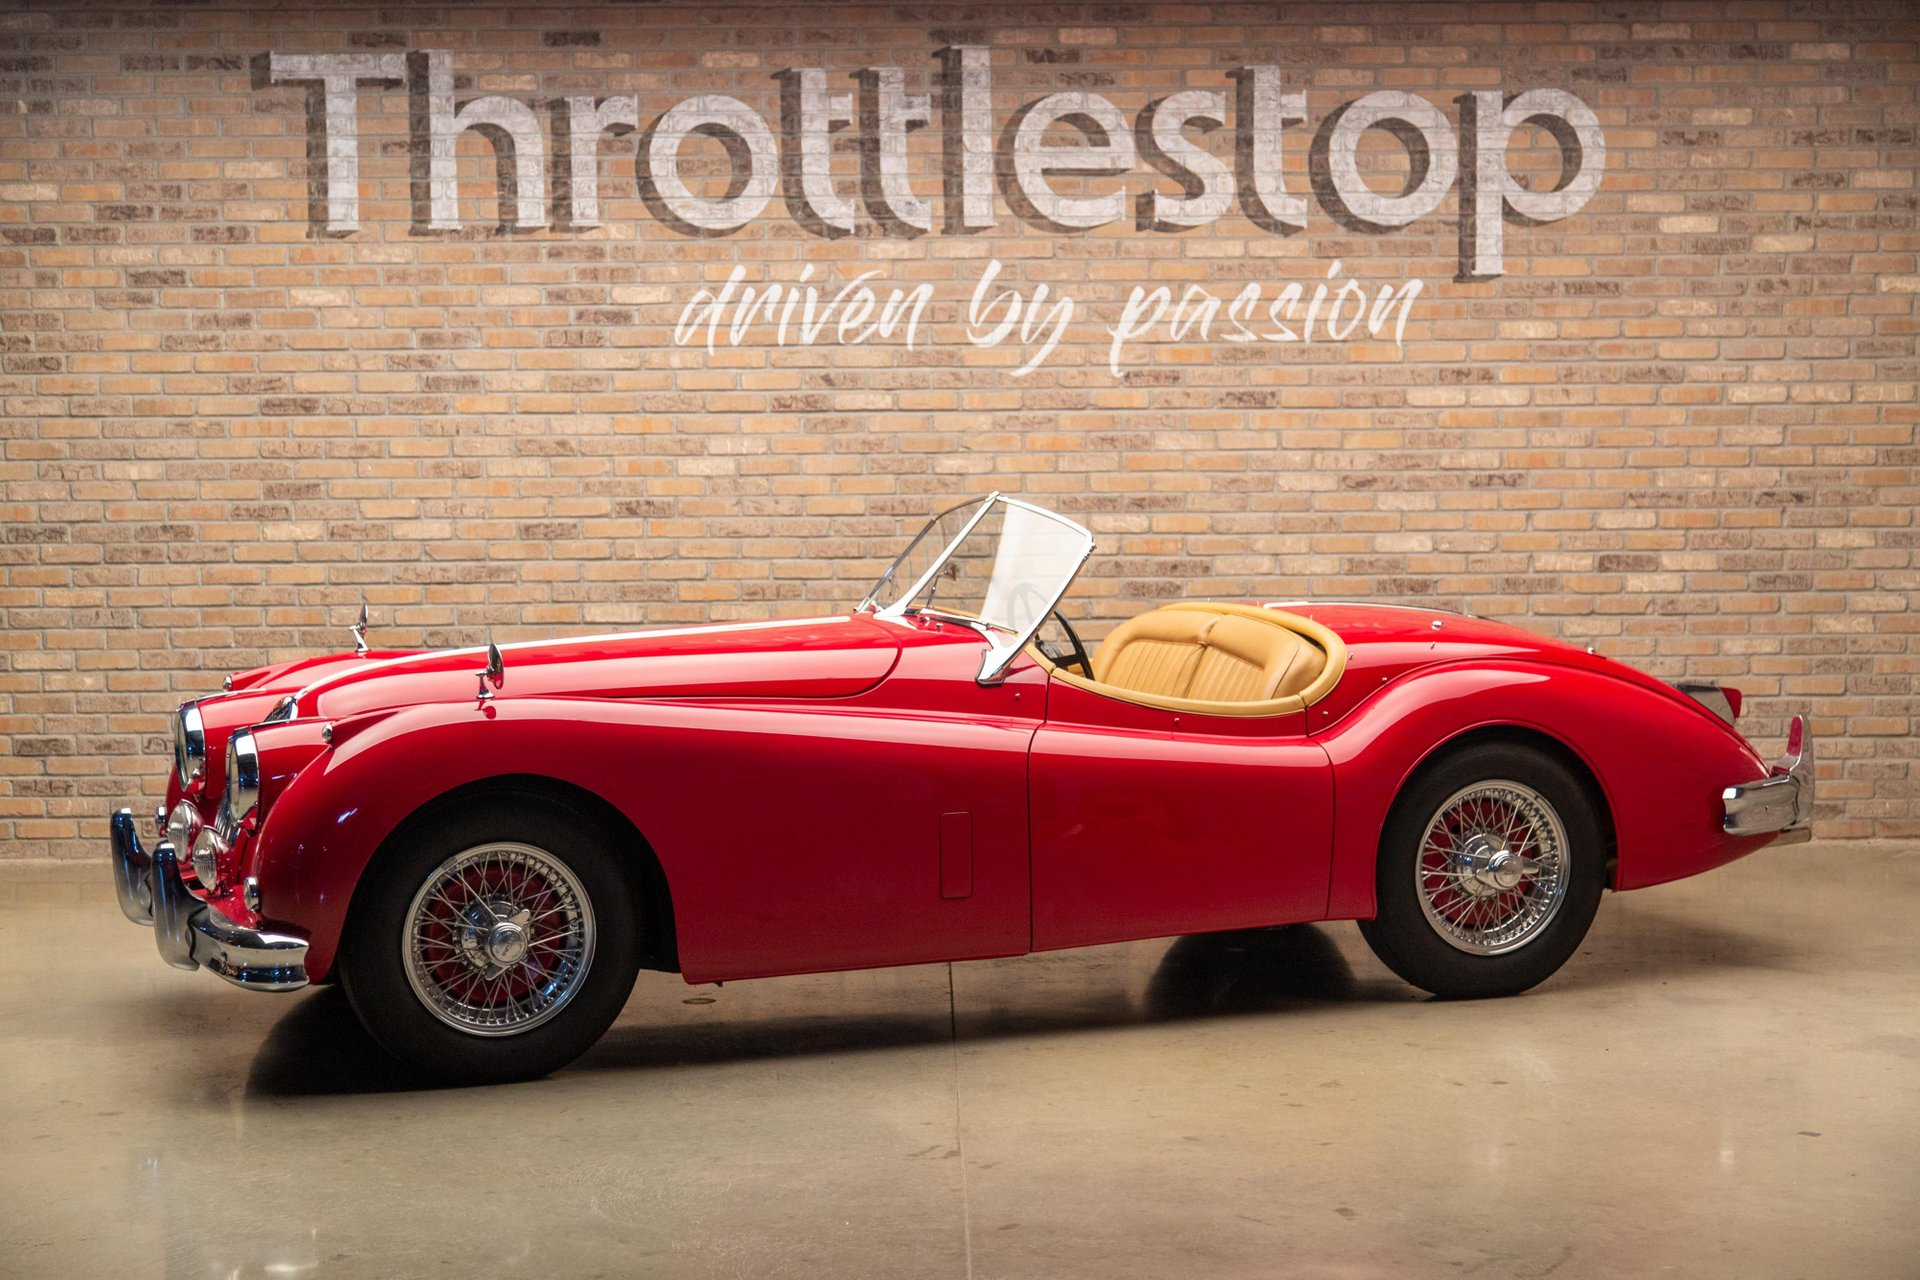 1957 jaguar xk140 roadster